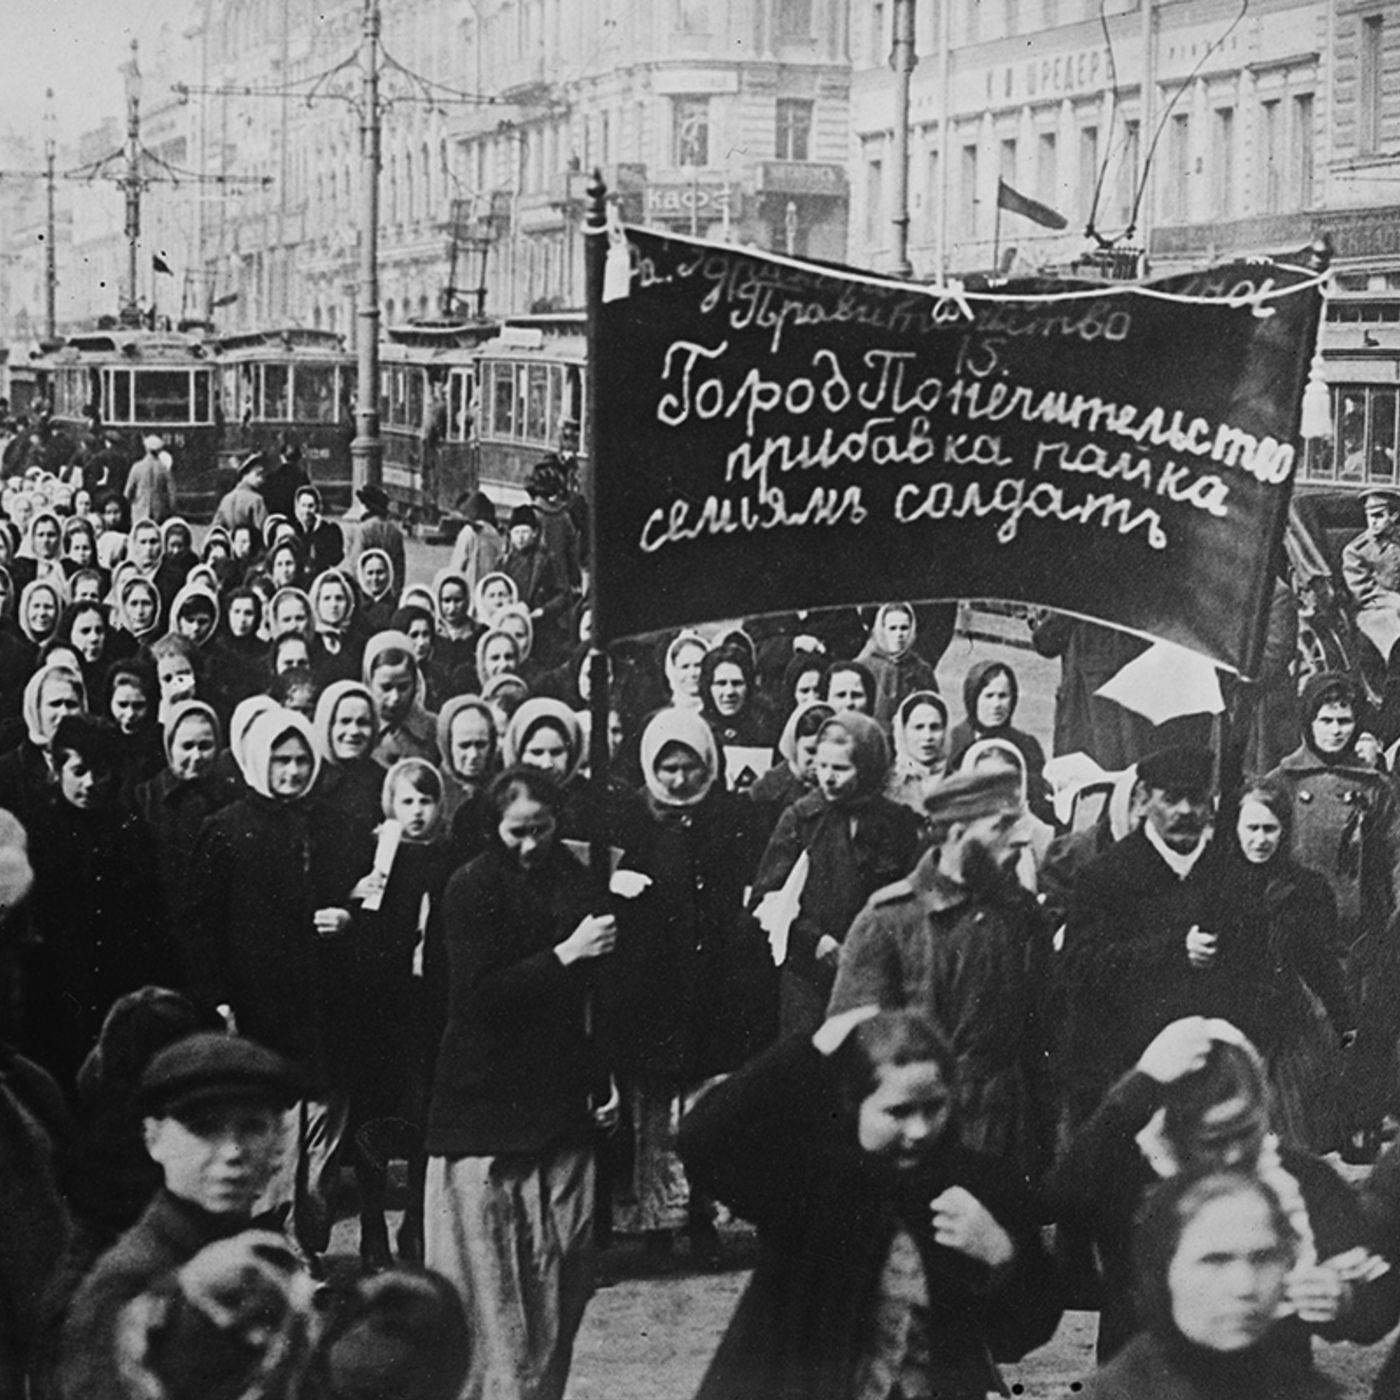 2. Февральская революция: спонтанная или организованная